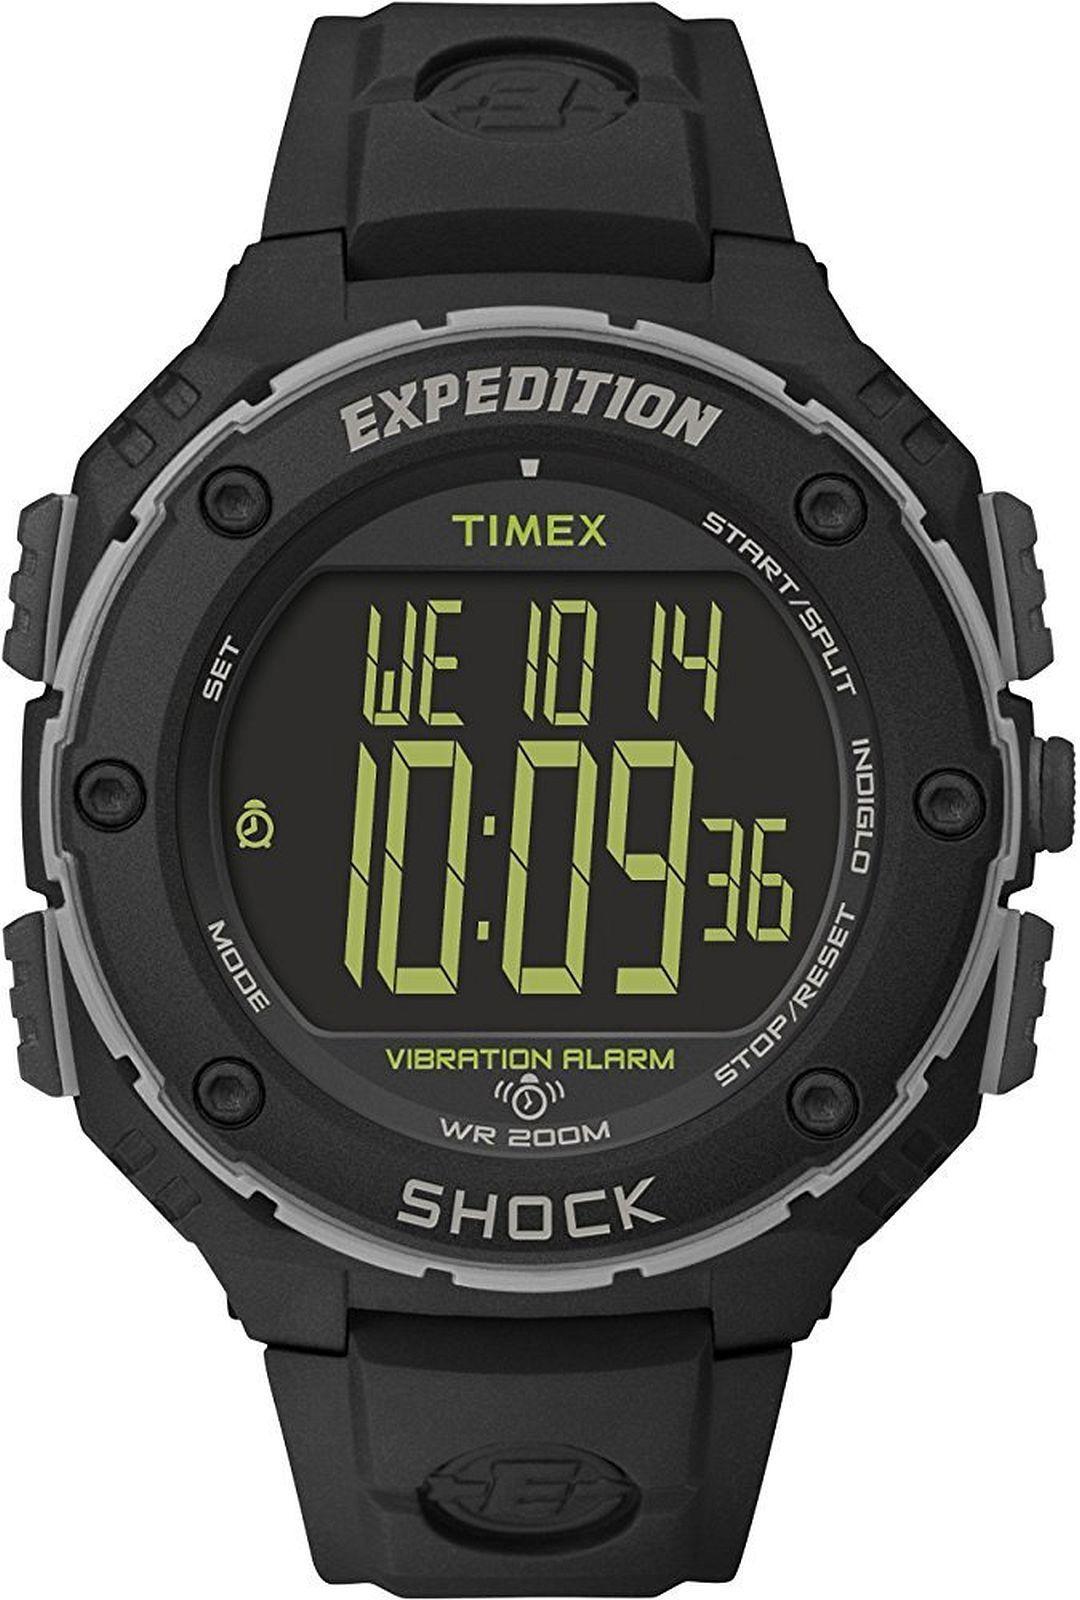 Timex T49950 > Wysyłka tego samego dnia Grawer 0zł Darmowa dostawa Kurierem/Inpost Darmowy zwrot przez 100 DNI